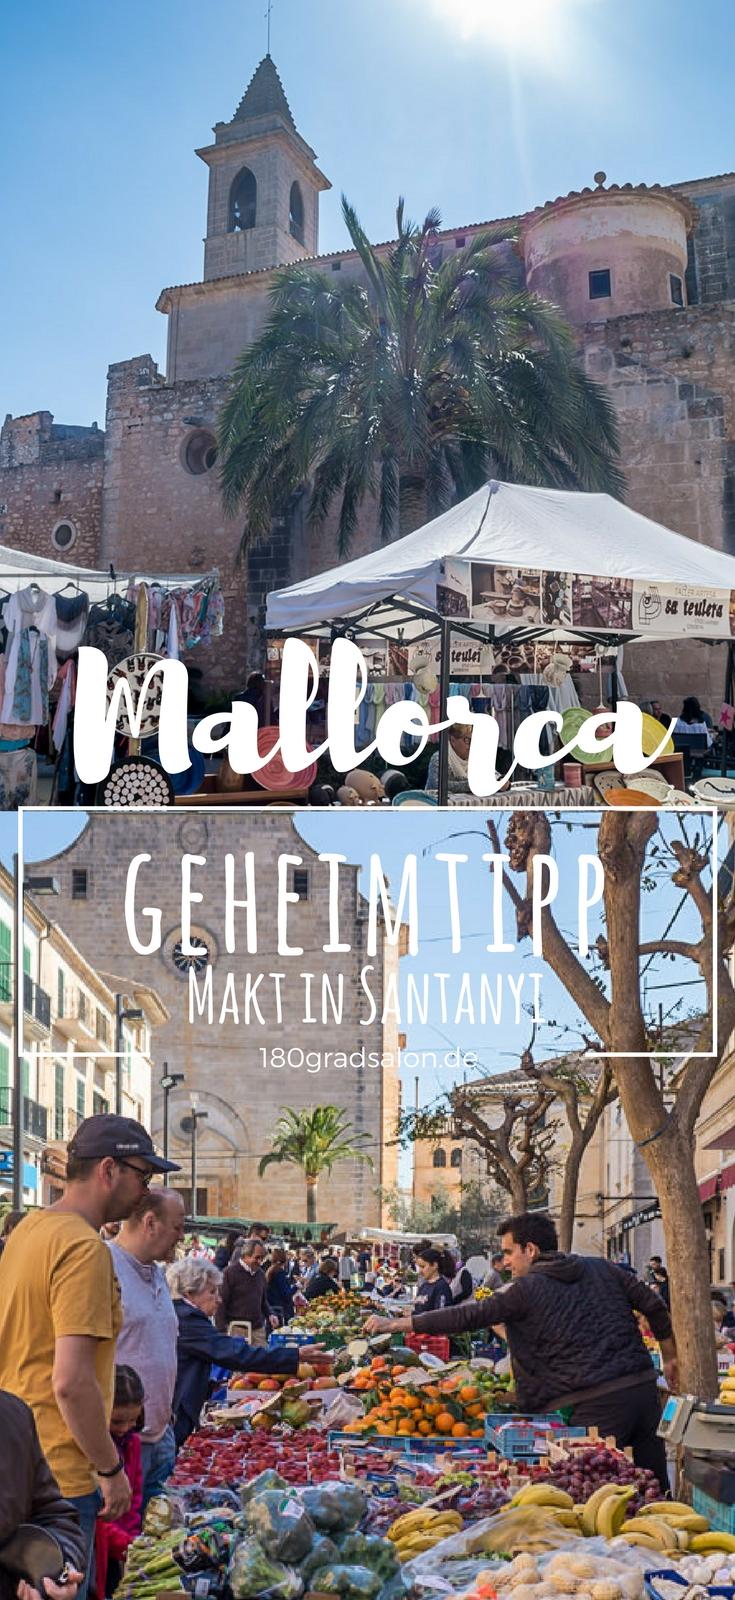 Auf Mallorca ist jeden Tag Markt auf der Insel. Der Wochenmarkt in Santanyi ist ein Ausflug Tipp für die ganze Familie.